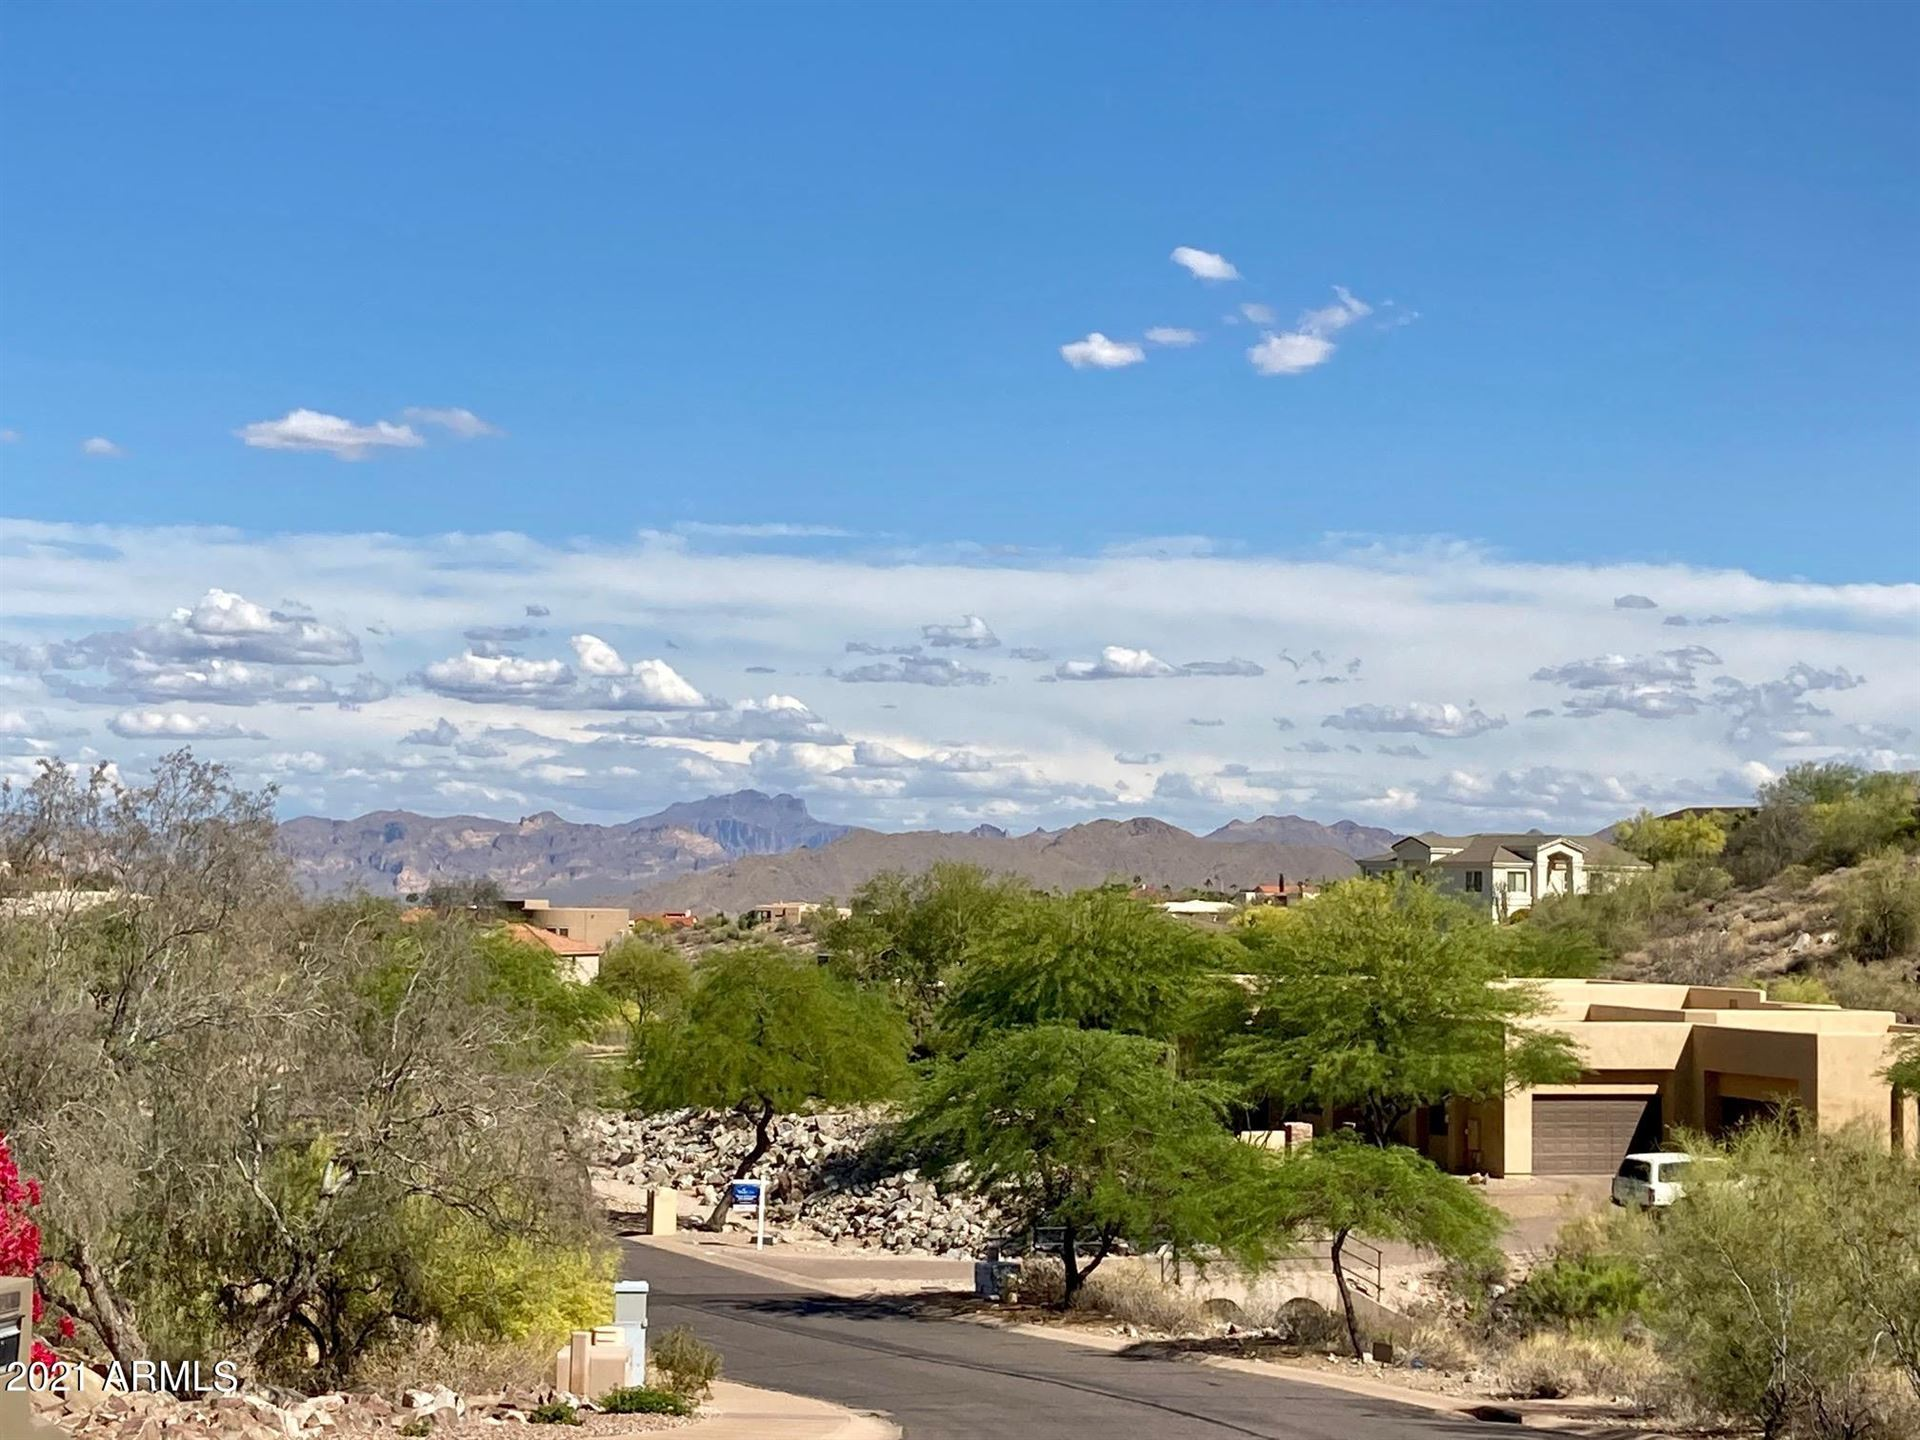 Photo of 15241 E SUNBURST Drive, Fountain Hills, AZ 85268 (MLS # 6222465)